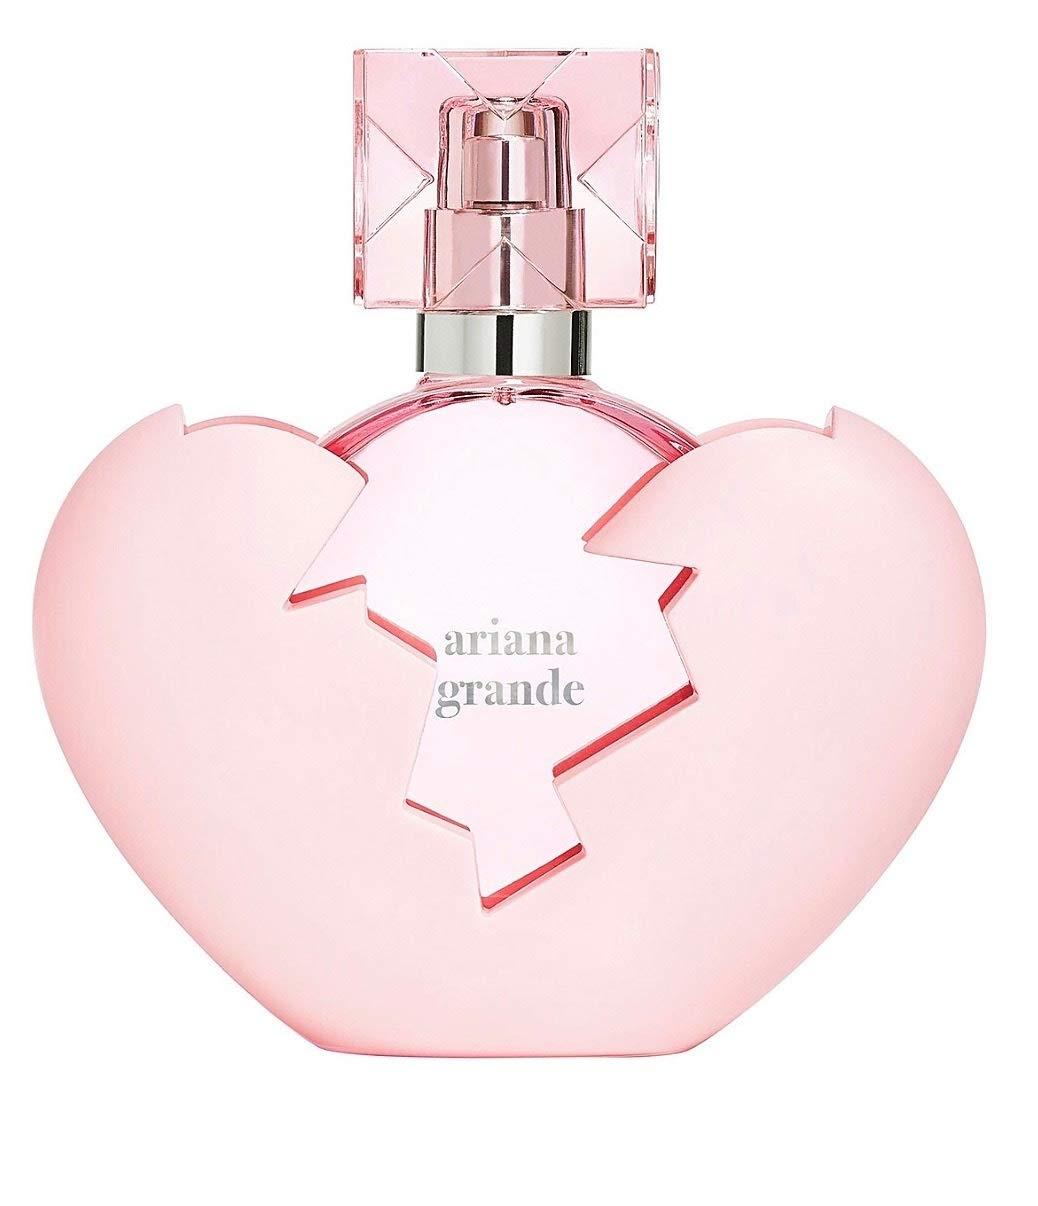 Ariana Grande Thank U Next Eau de Parfum ~ 3.4 oz